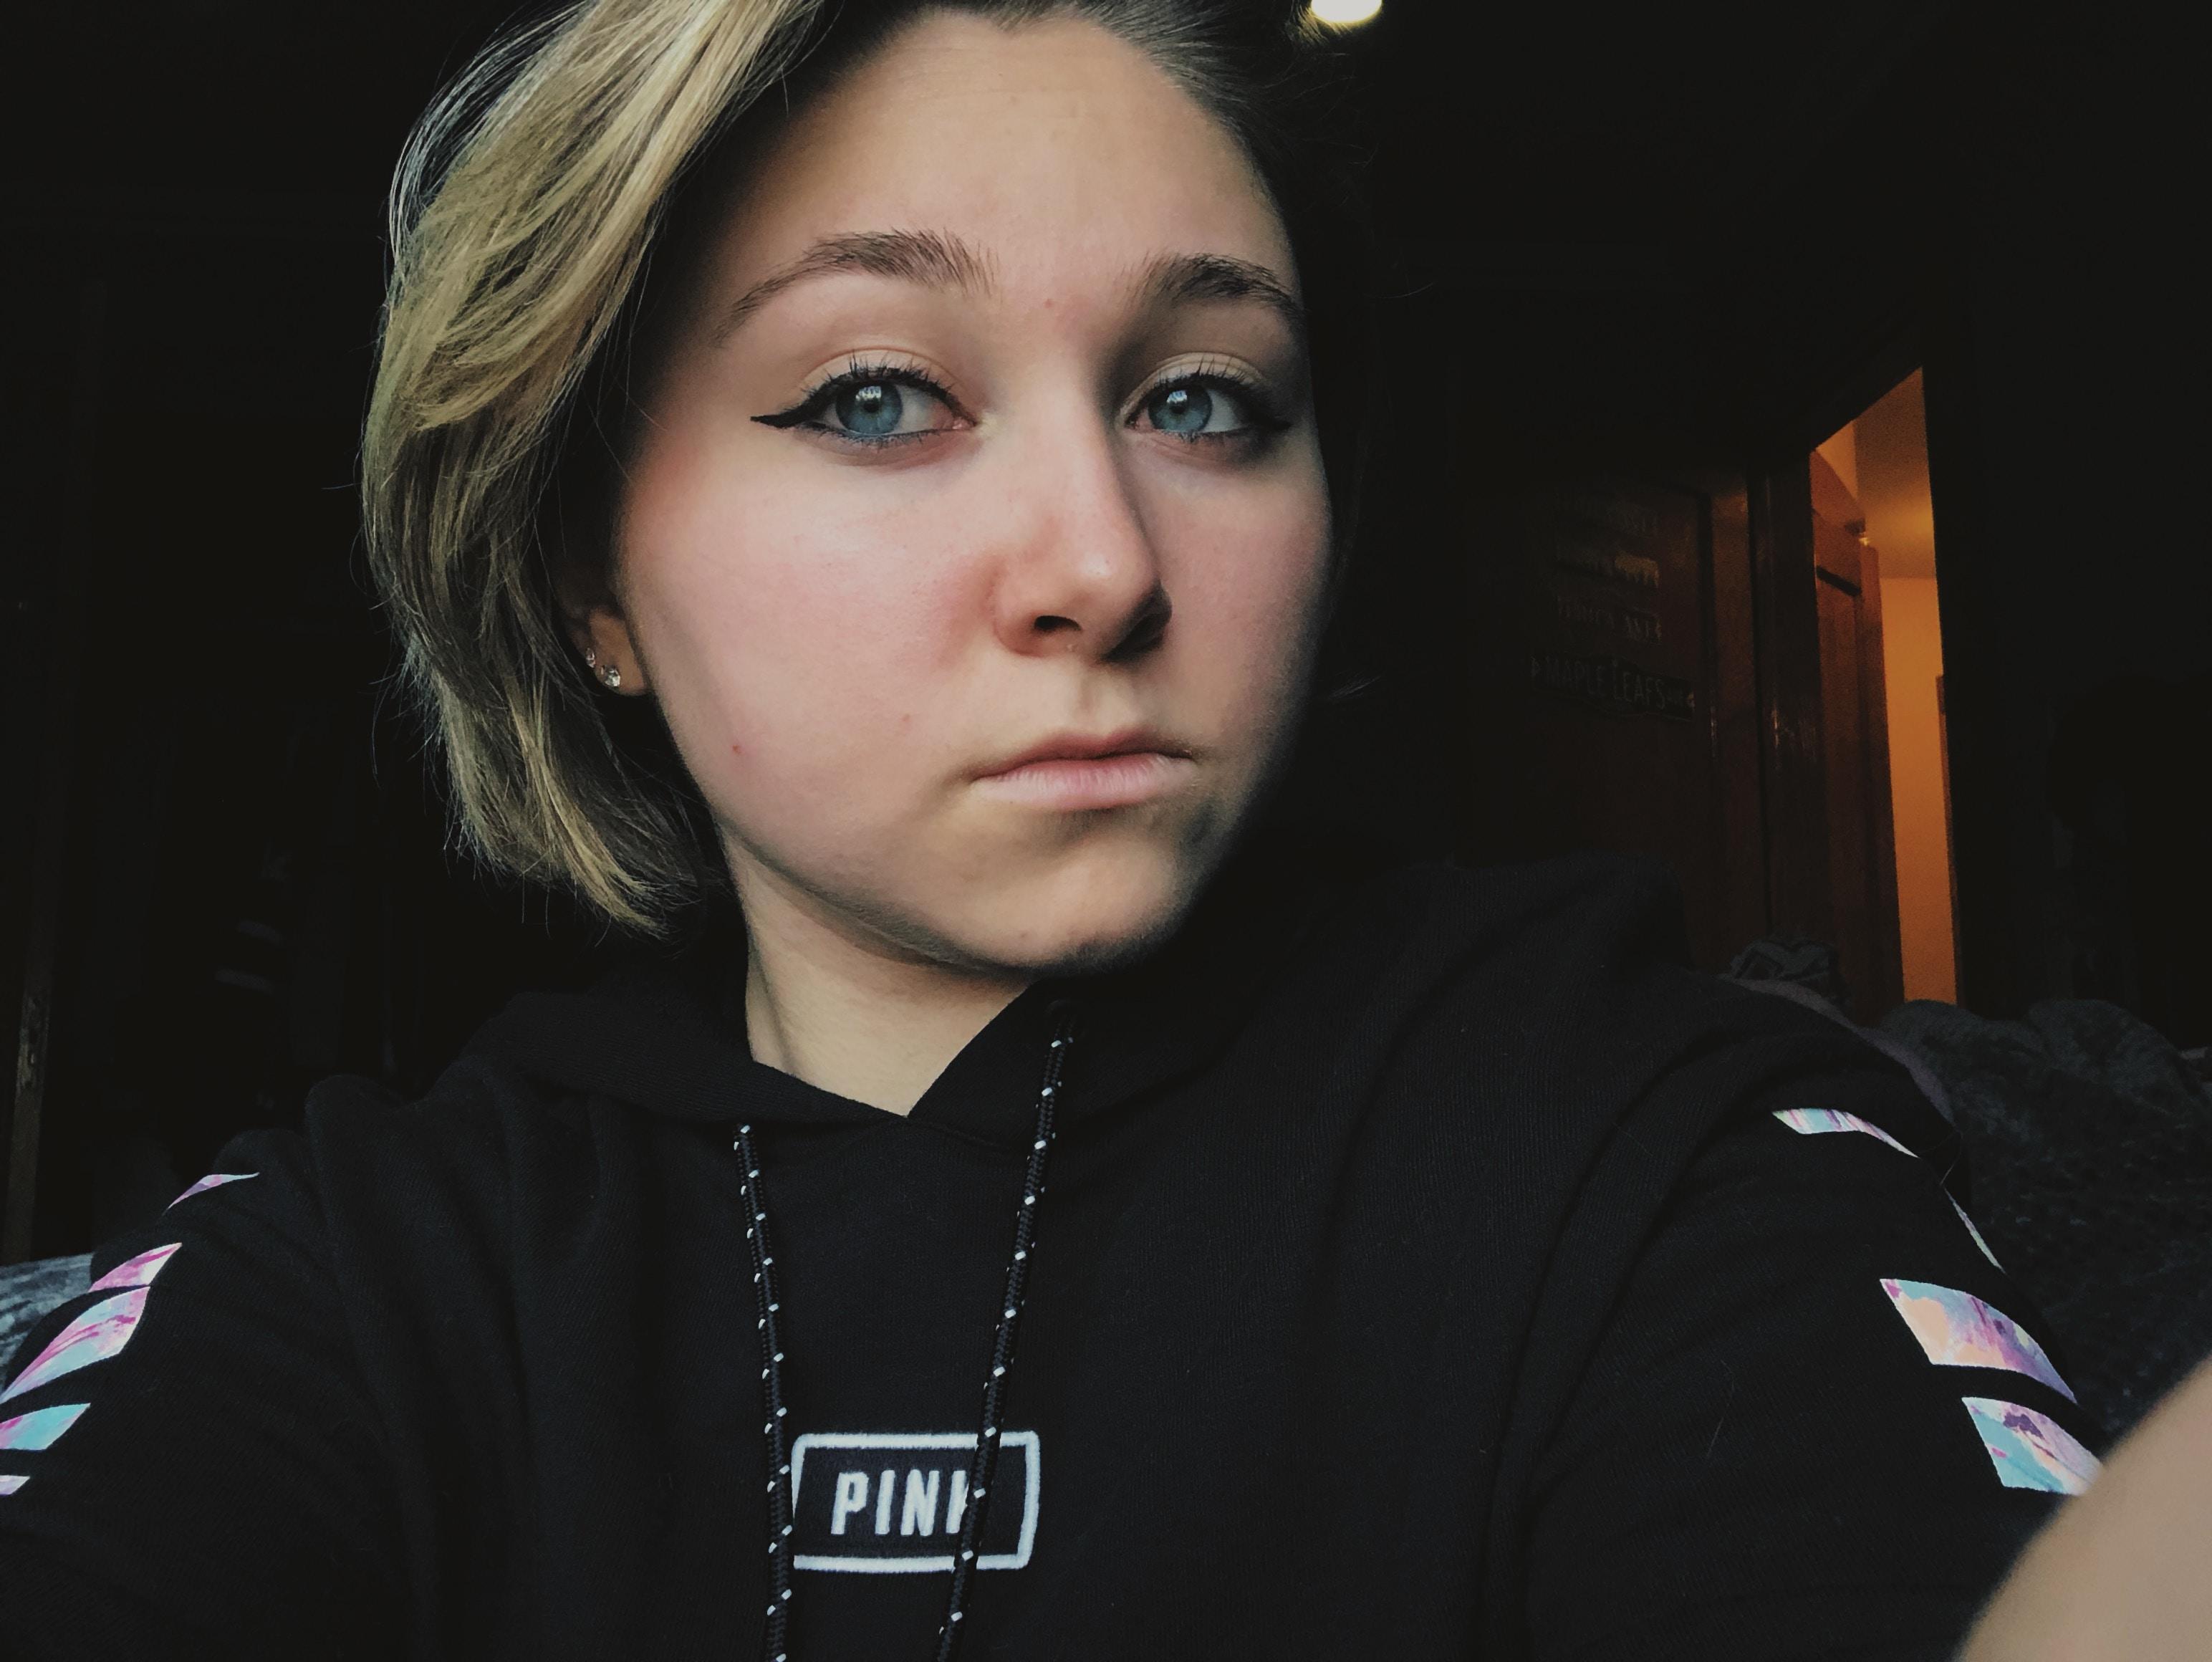 Go to Erica Nilsson's profile